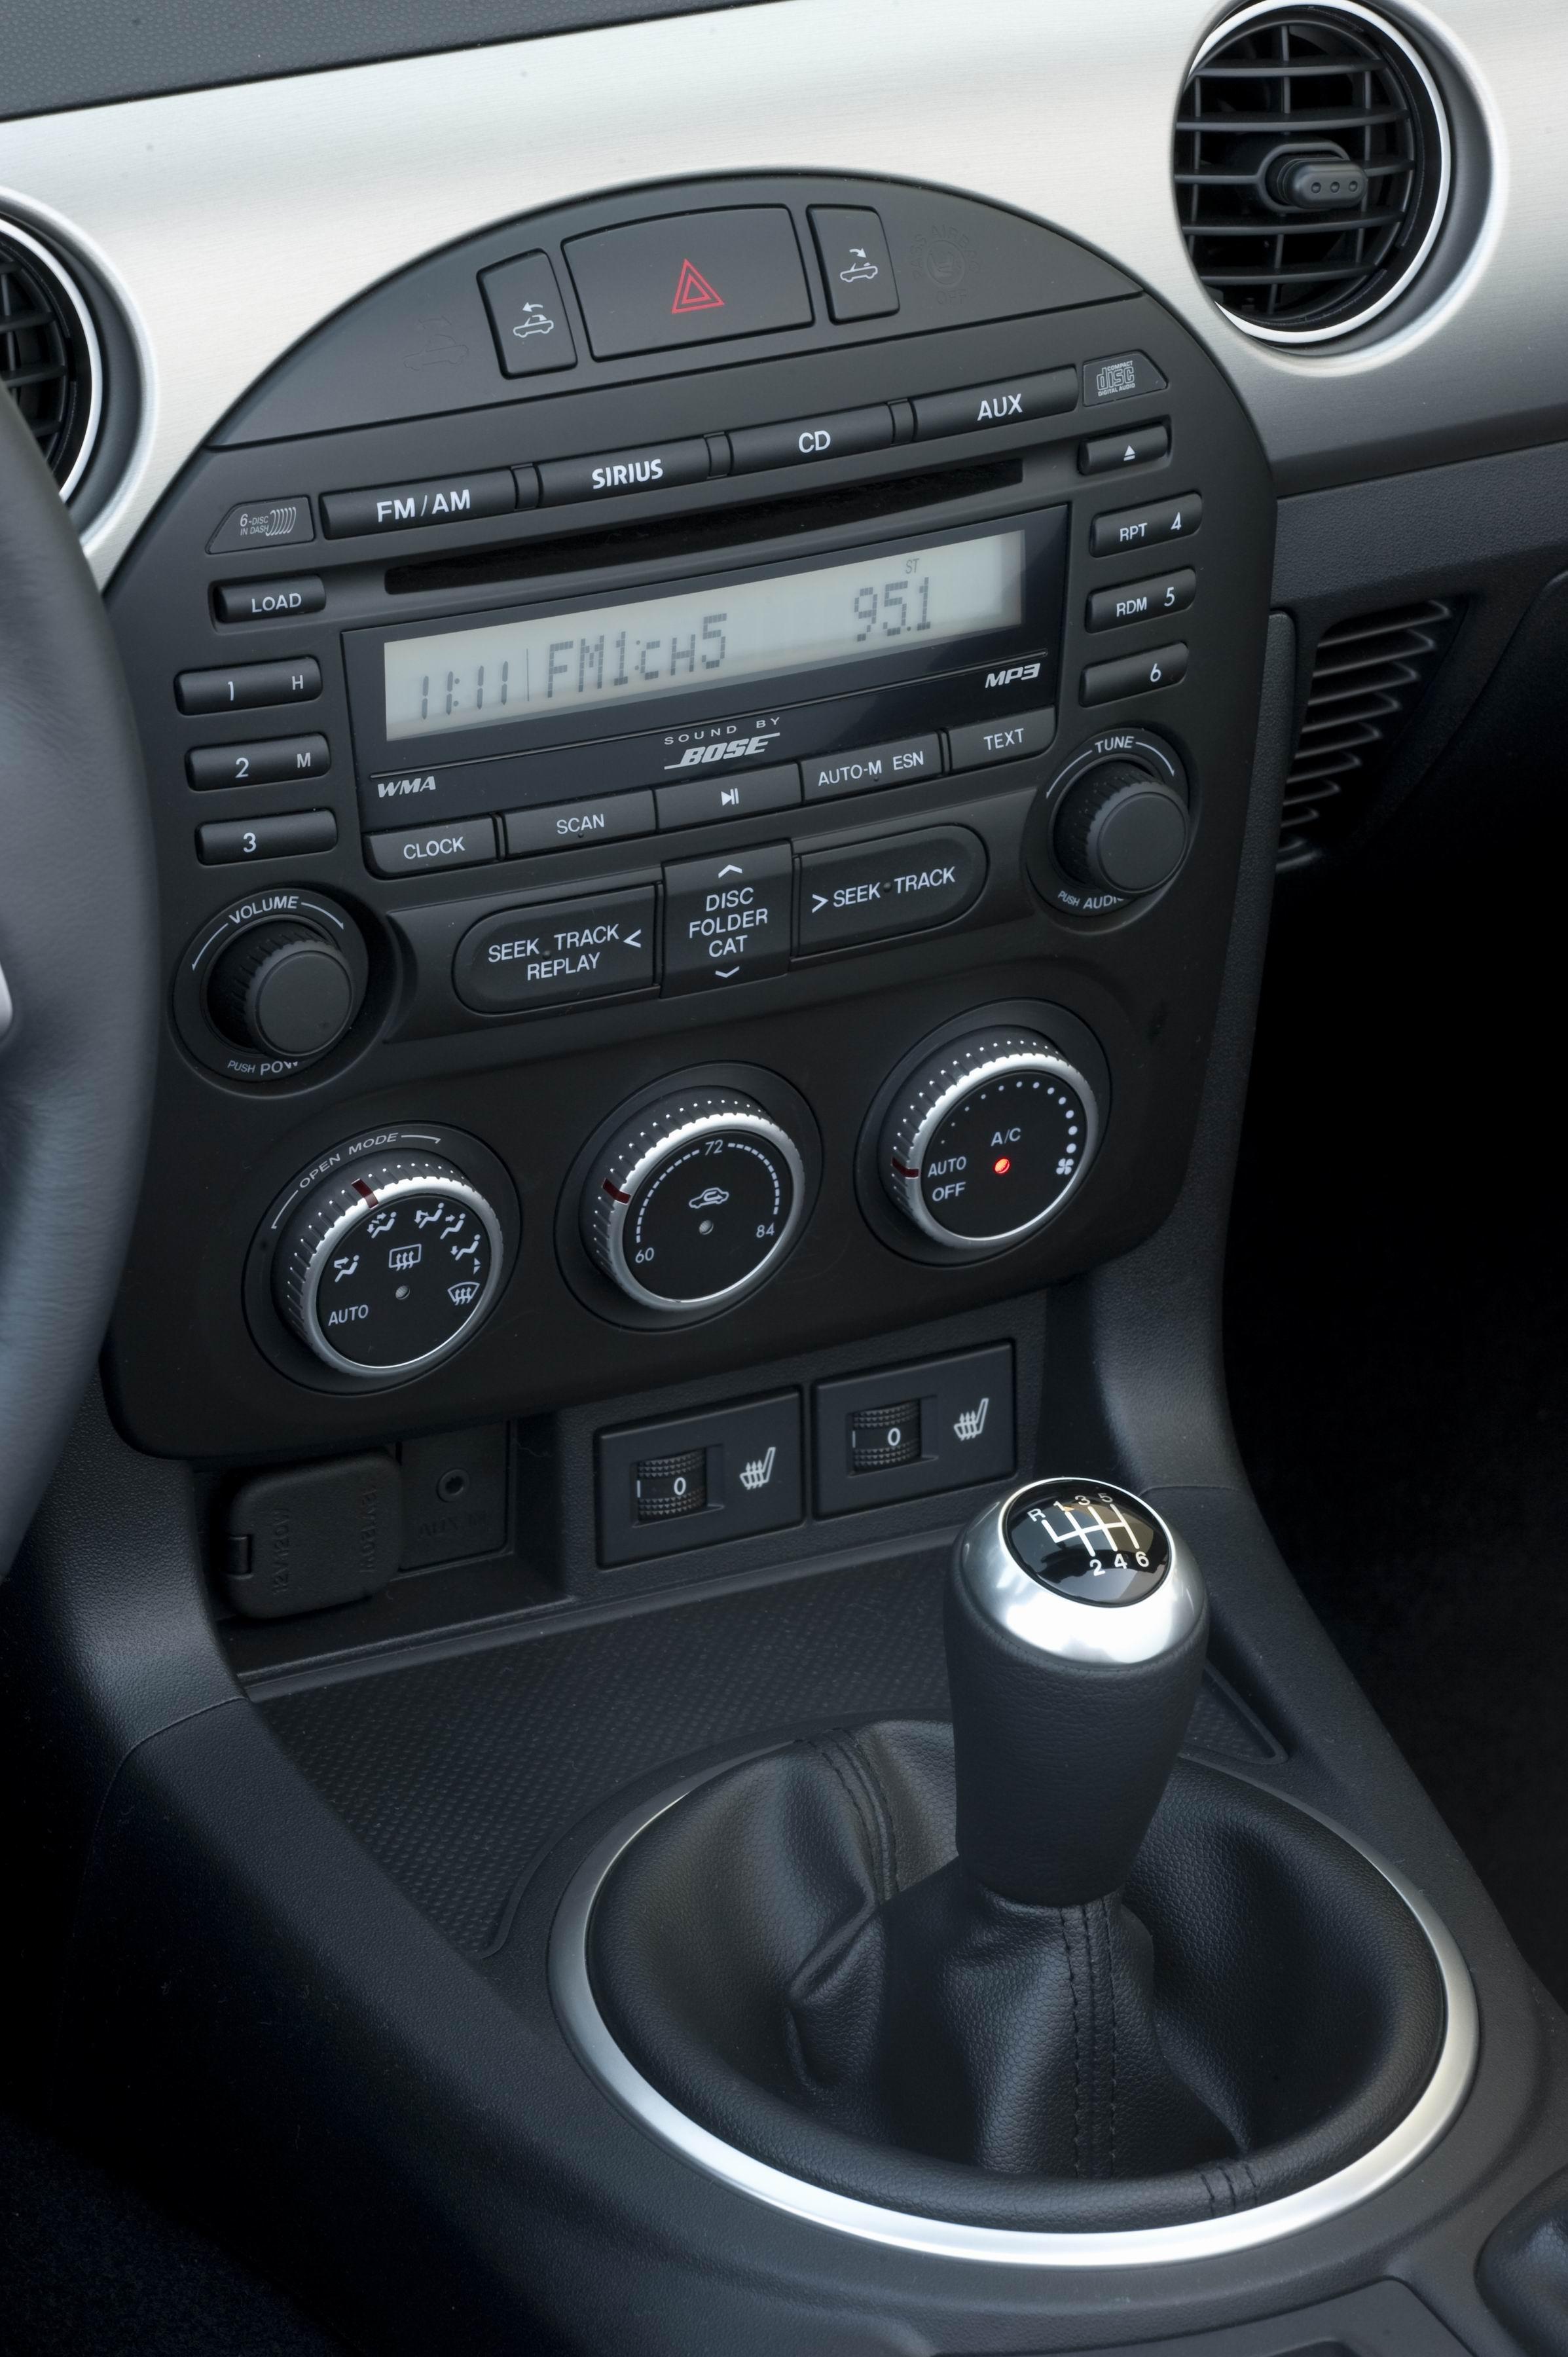 MAZDA RX-5 interior